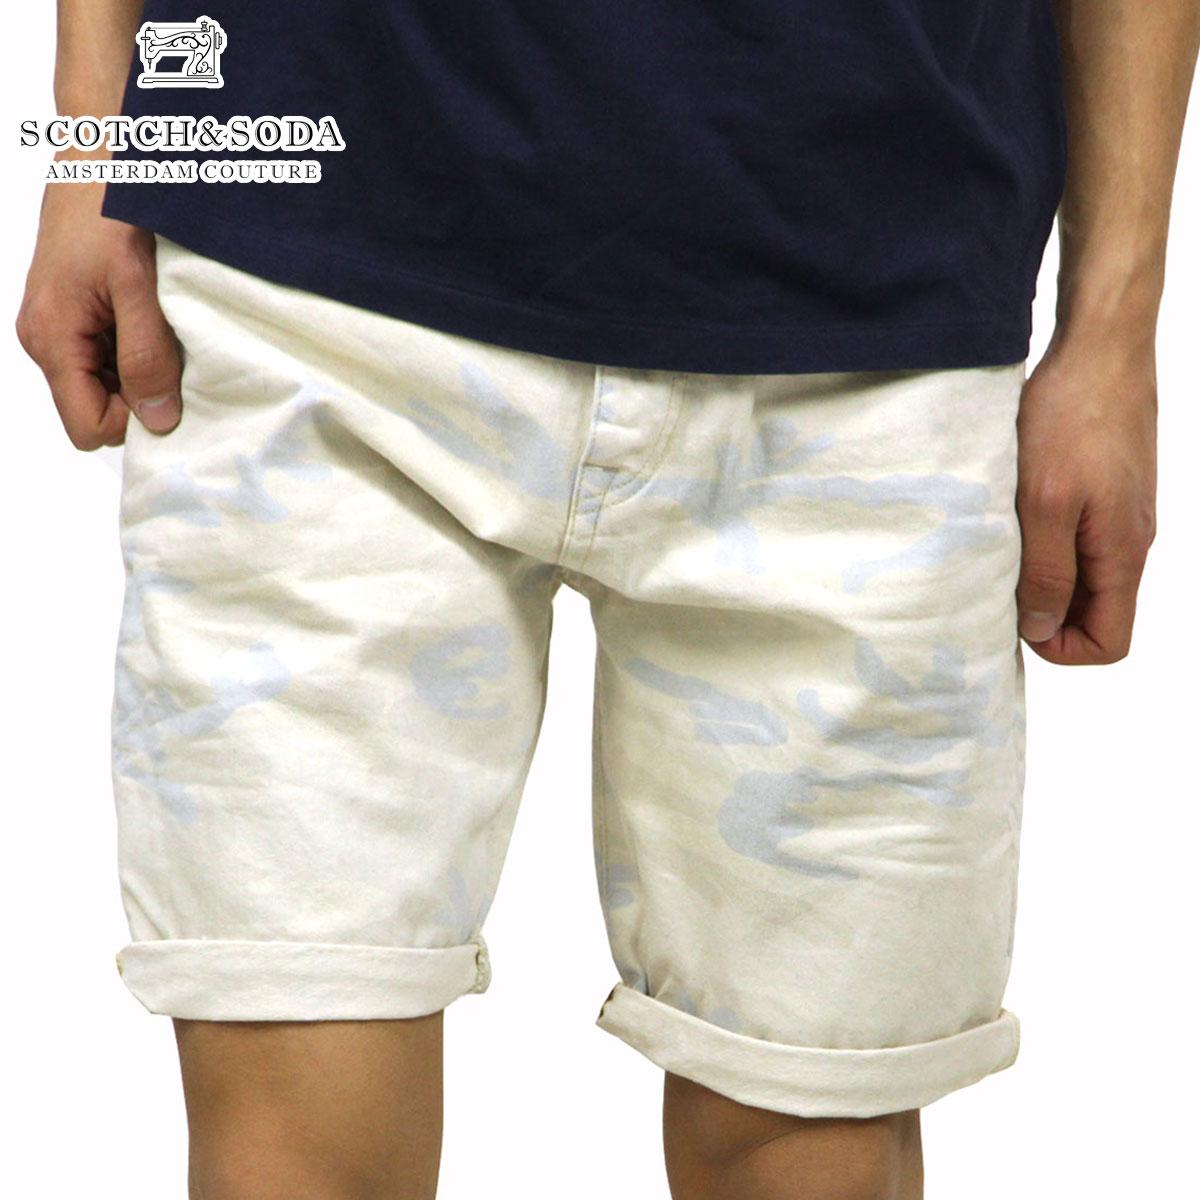 【販売期間 5/20 10:00~5/30 09:59】 スコッチアンドソーダ SCOTCH&SODA 正規販売店 メンズ ショートパンツ Stump Chino - Faded Camo short 87098 05 D15S25